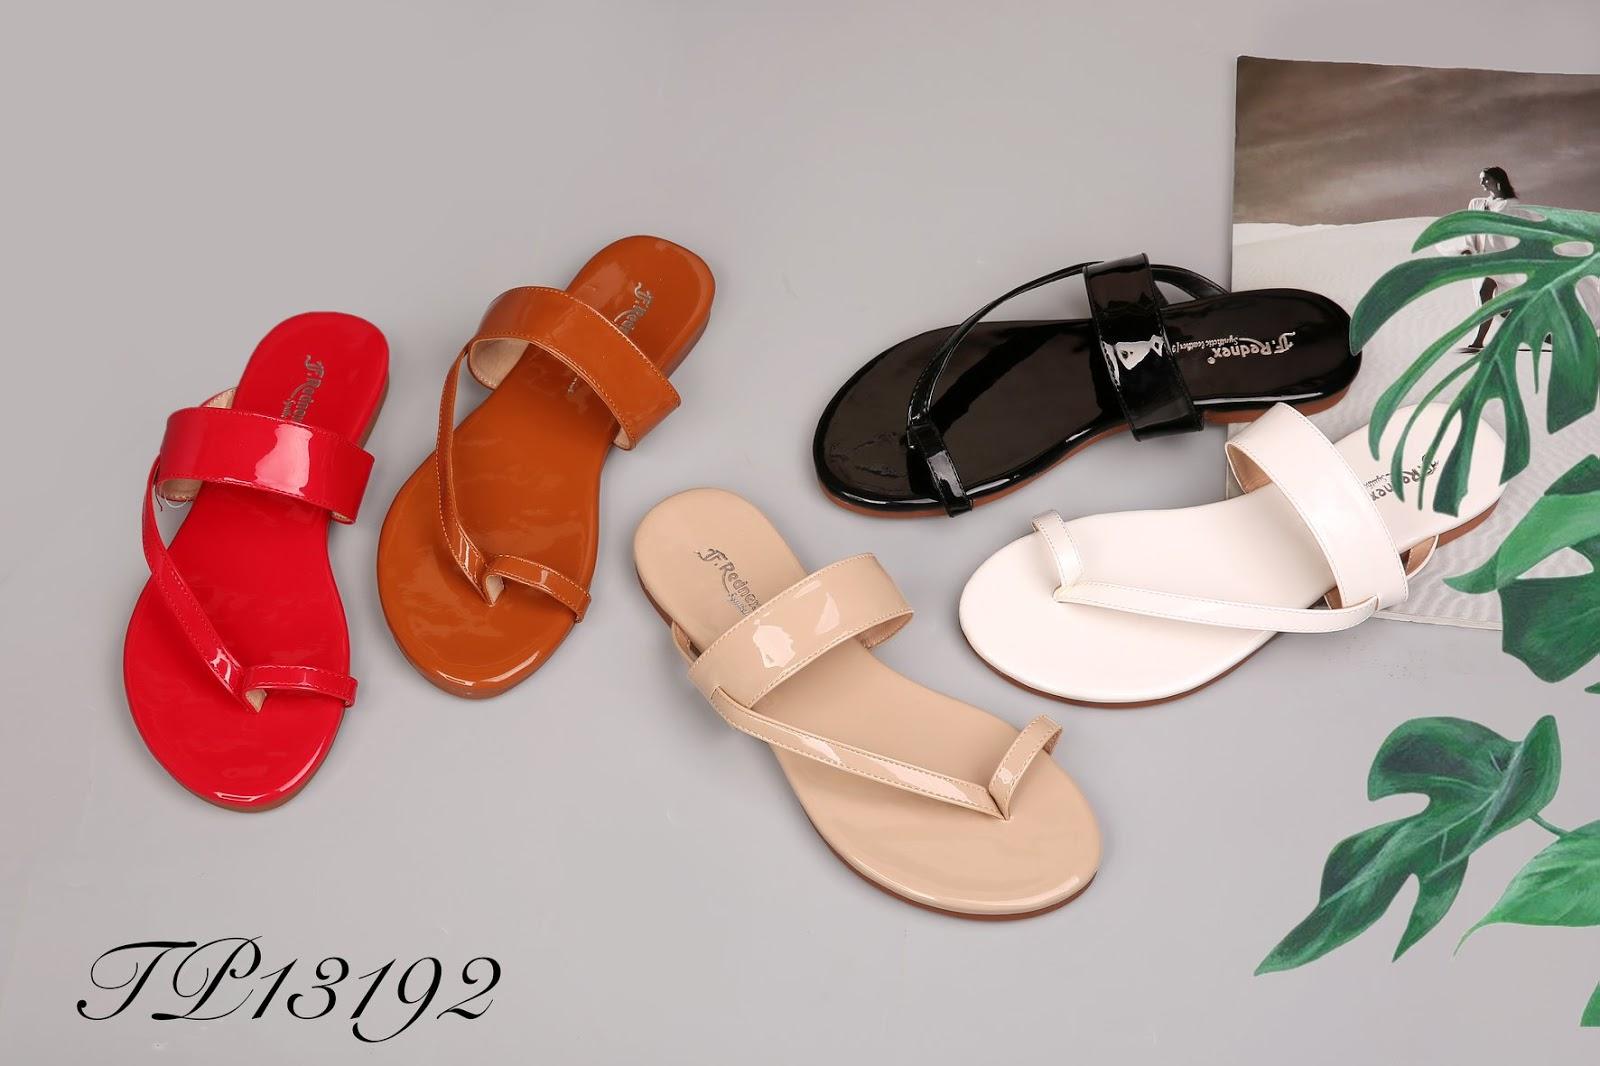 Sản xuất giày nữ thời trang - hoạt động giúp tăng lợi thế cạnh tranh –  Thiên Hương Shoes